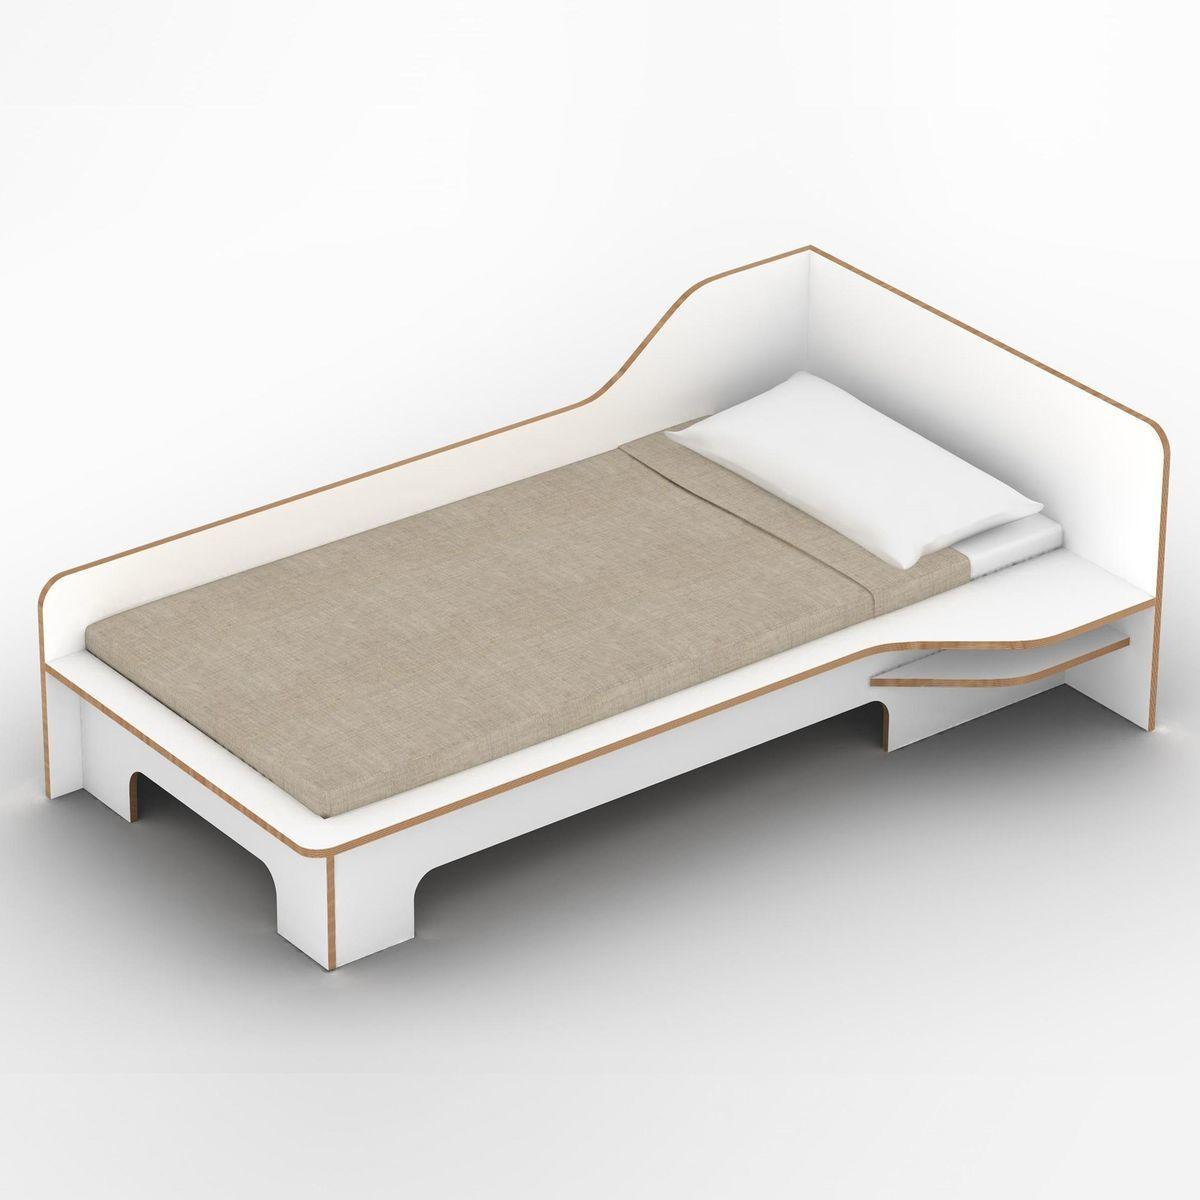 Einzelbett Mit Lattenrost: Funktionsbetten lidl ...